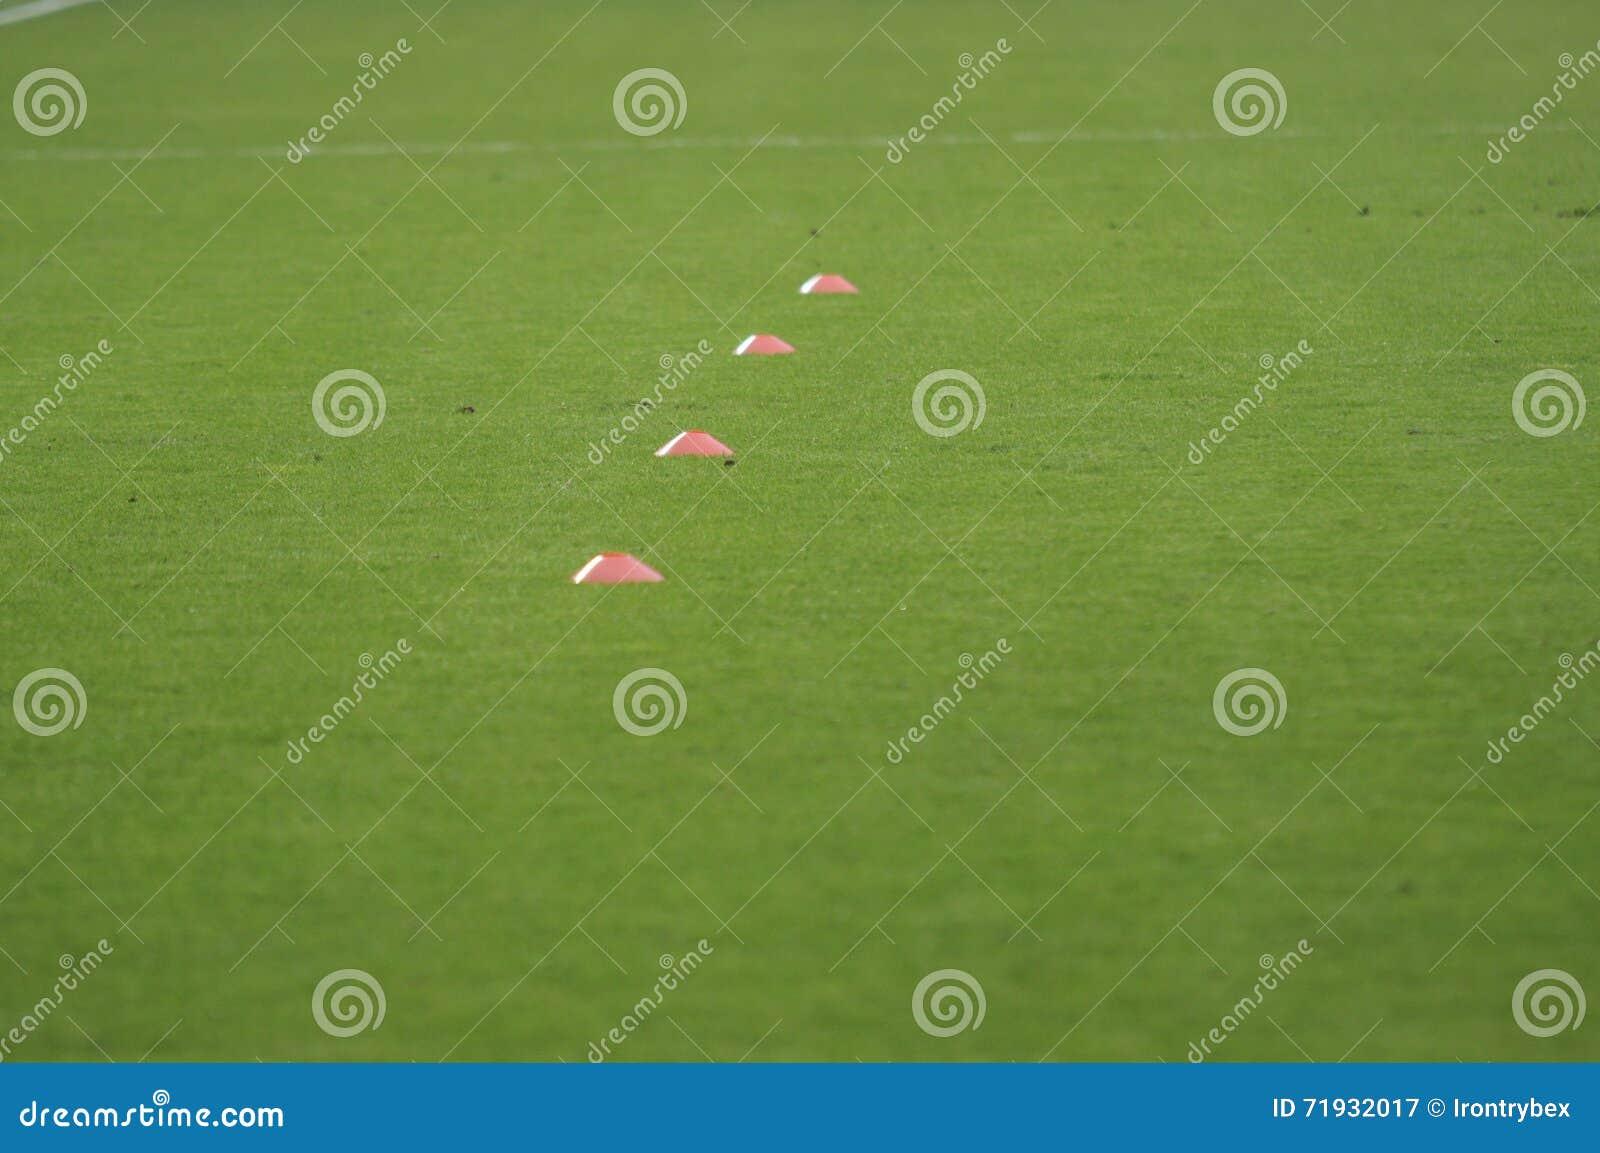 Тренажер футбольного поля футбола